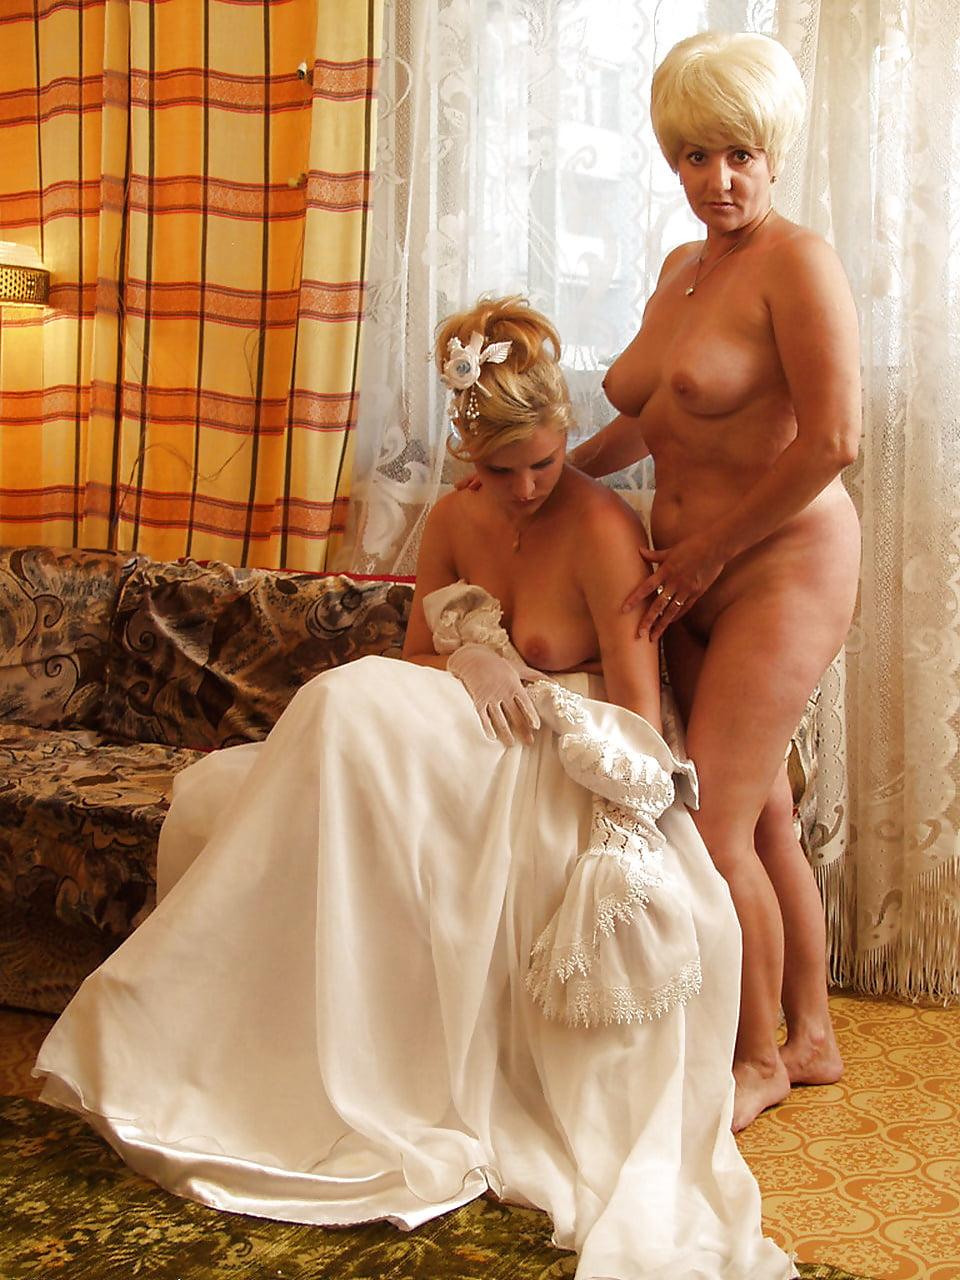 russkaya-tesha-na-svadbe-porno-v-realnom-vremeni-porno-chulki-pyatochki